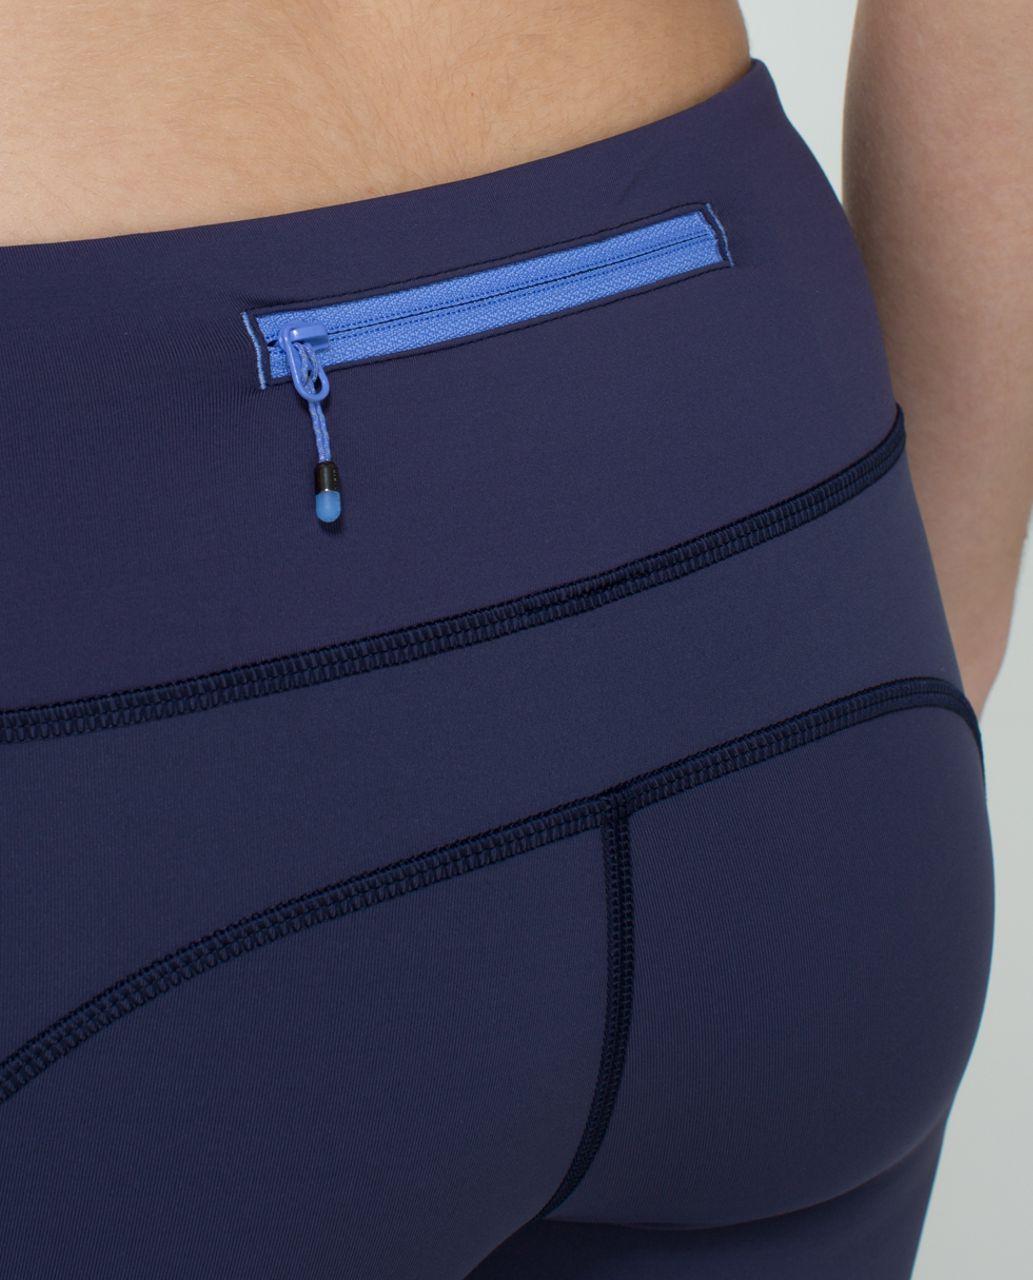 Lululemon Speed Tight *Full-On Luxtreme - Cadet Blue